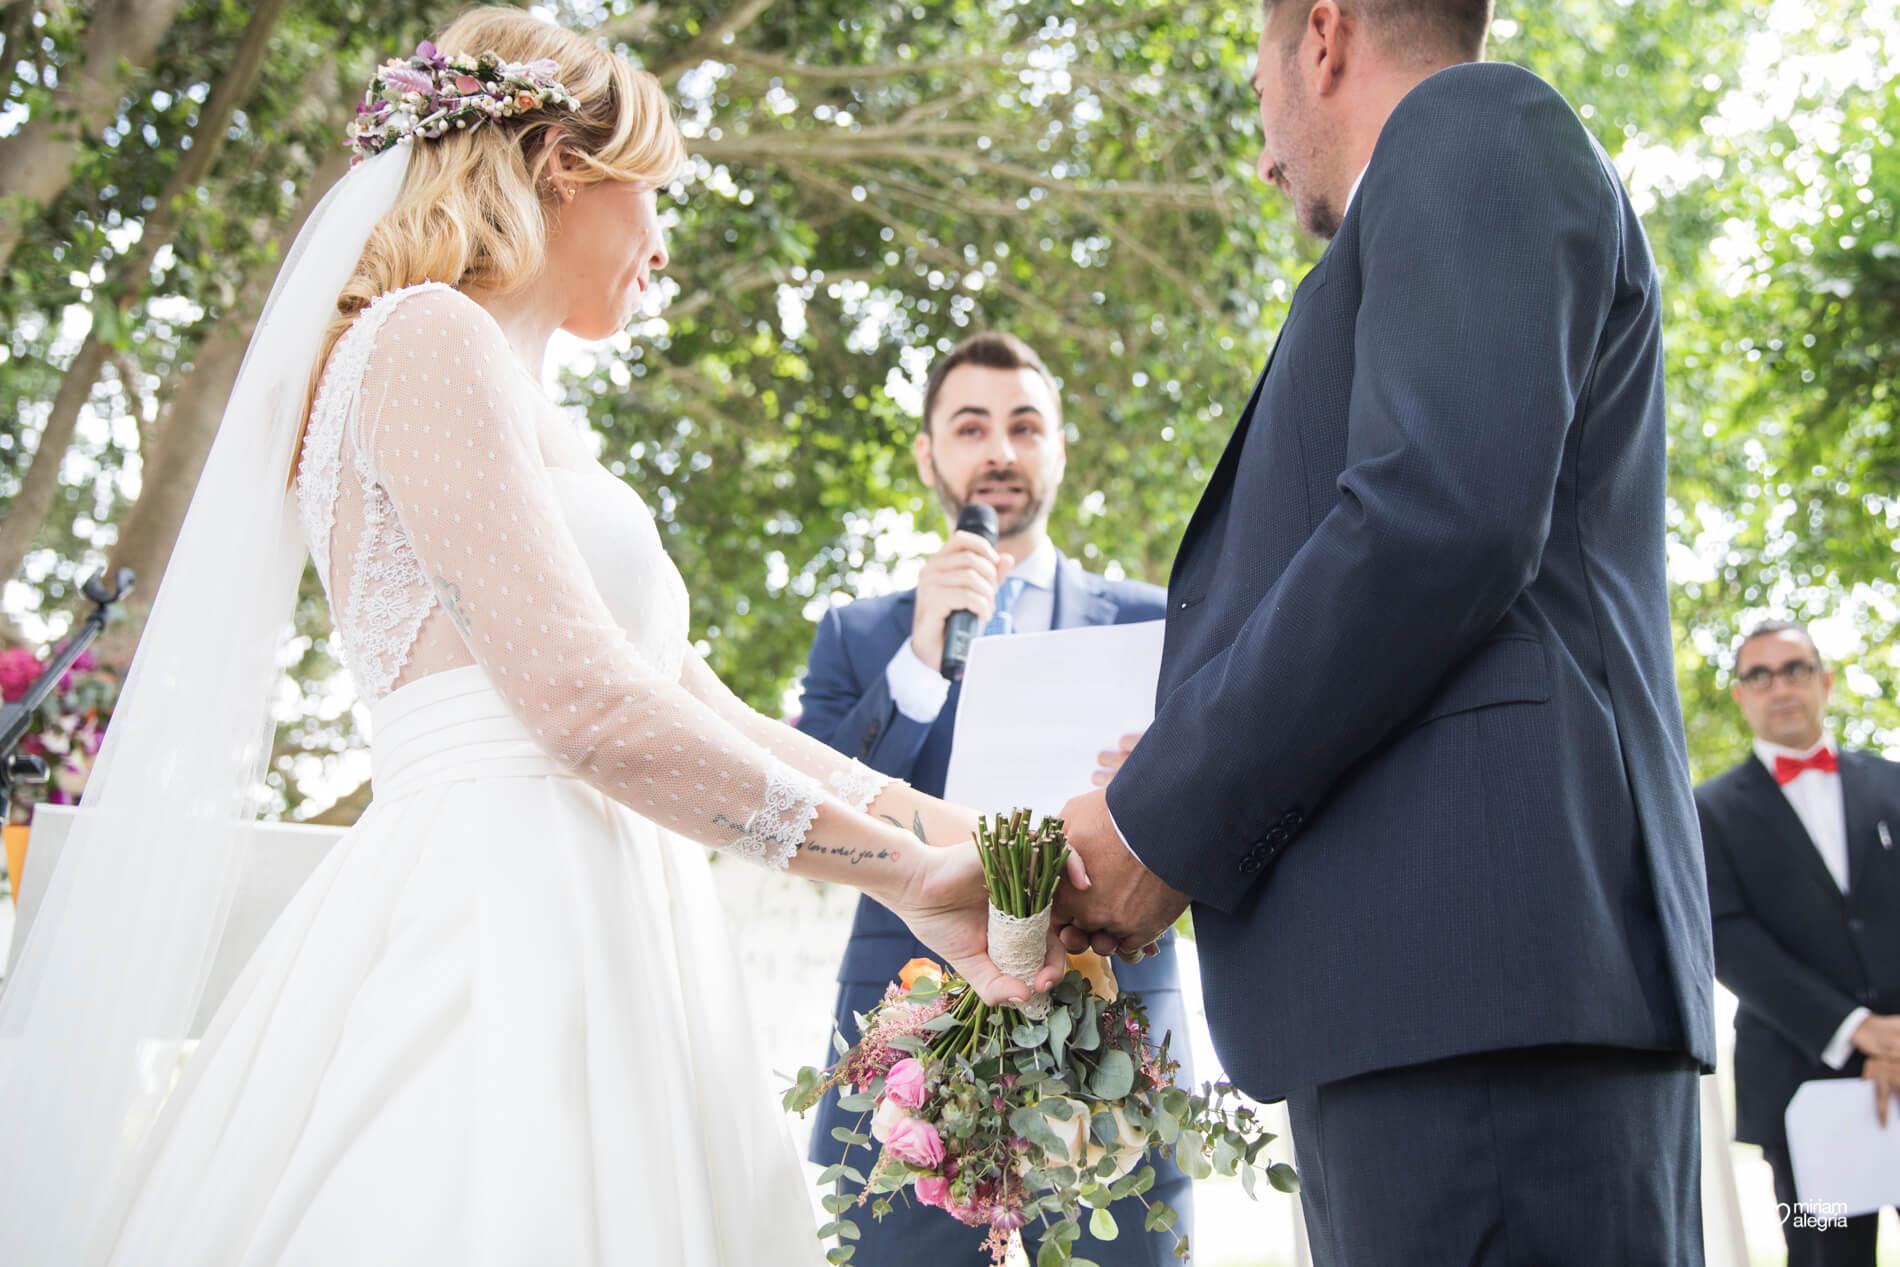 boda-en-finca-villa-vera-de-alemc7-miriam-alegria-fotografos-boda-murcia-62